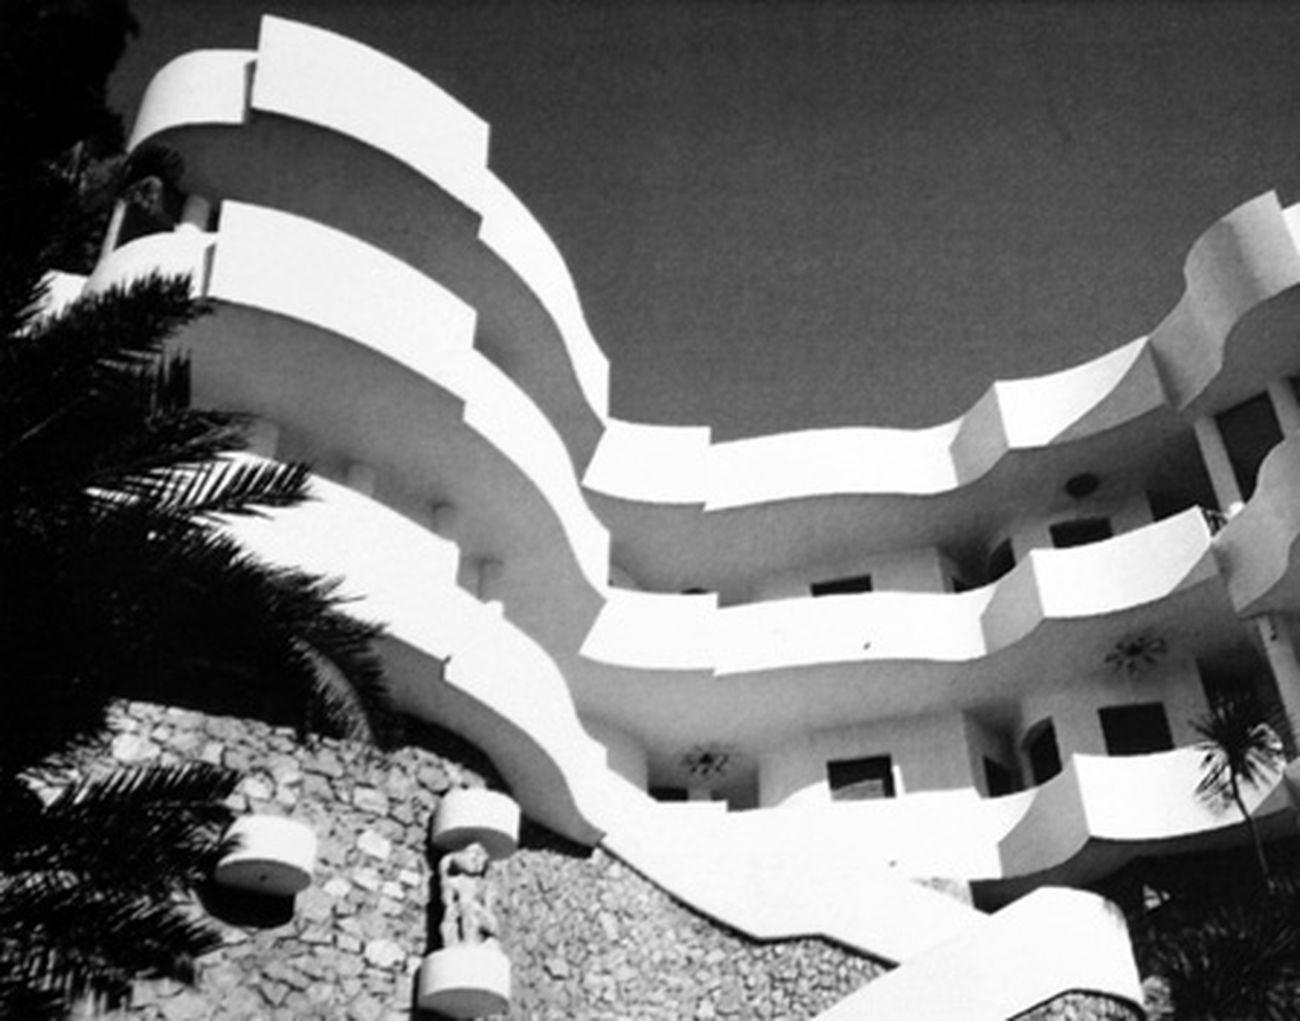 Mario Galvagni Architetto, Complesso residenziale turistico, Torre del Mare, Savona.Photo Sandro Lazier - antithesi.info